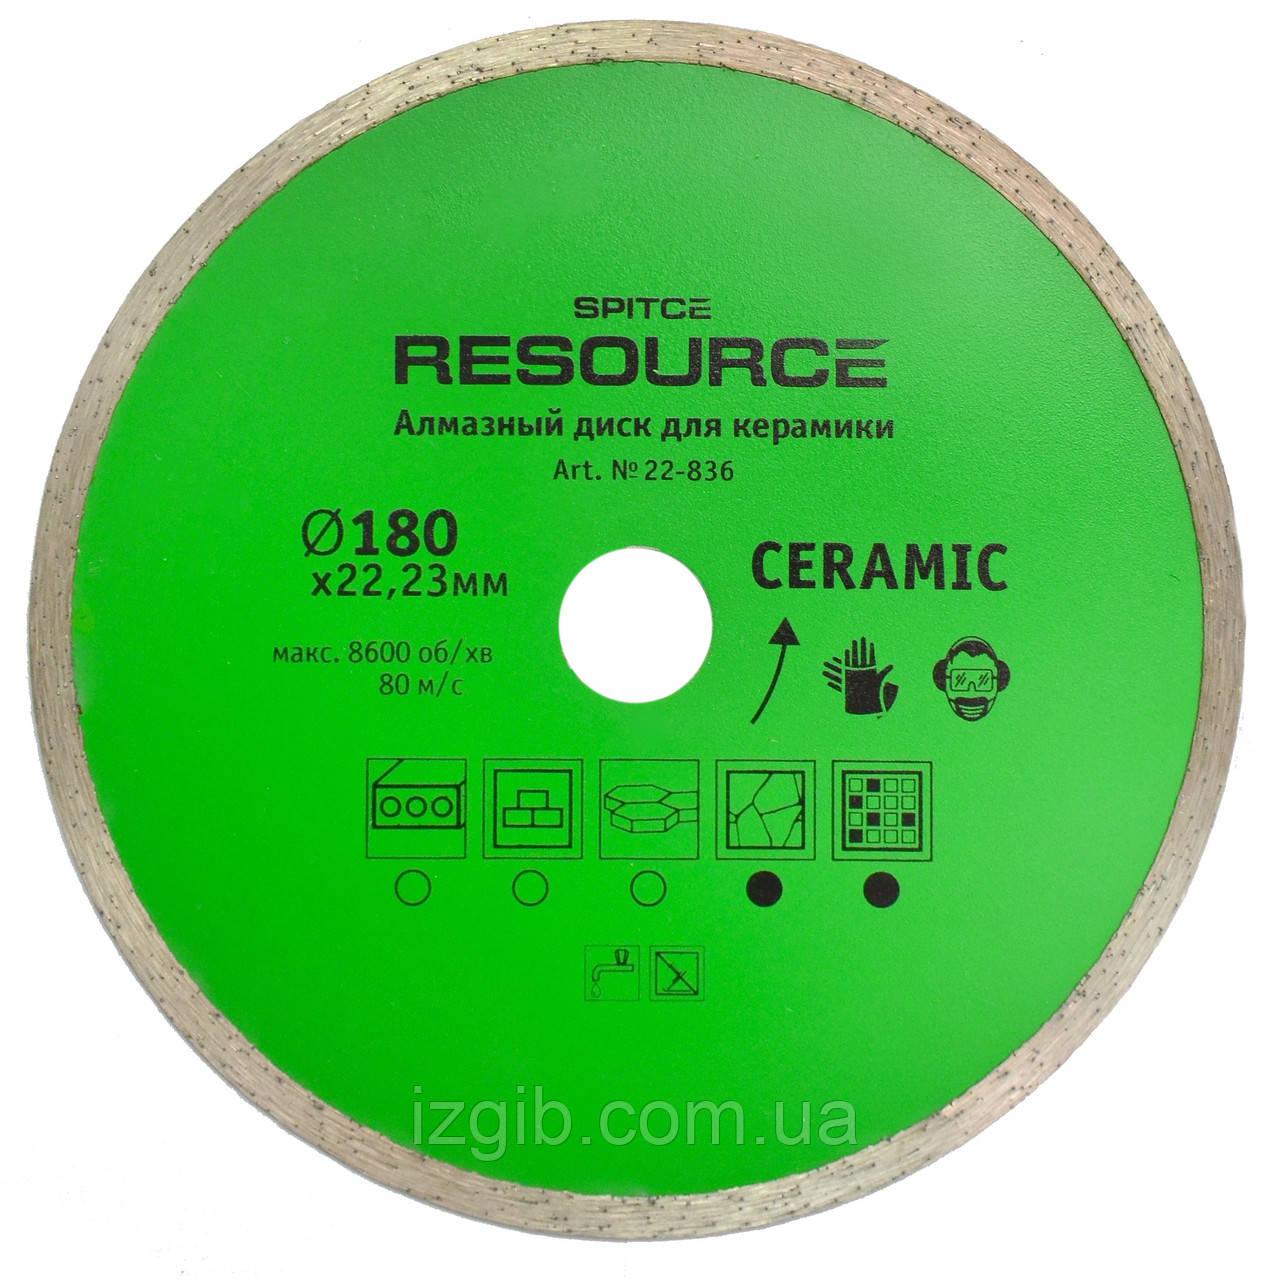 Алмазный диск для керамики, Resource 230 мм